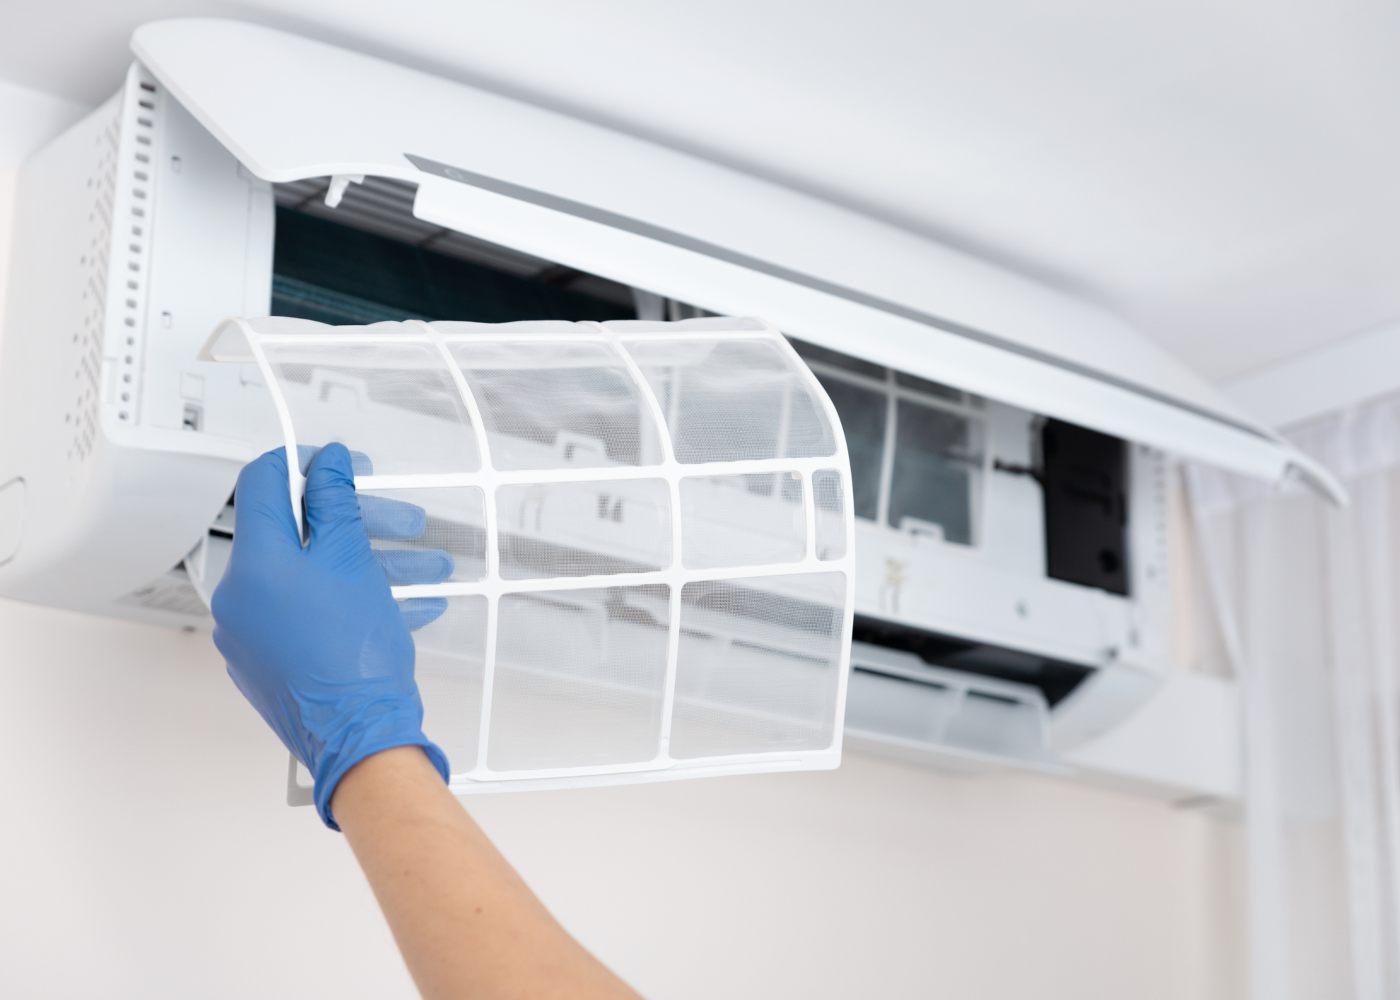 pessoa a limpar o filtro do ar condicionado